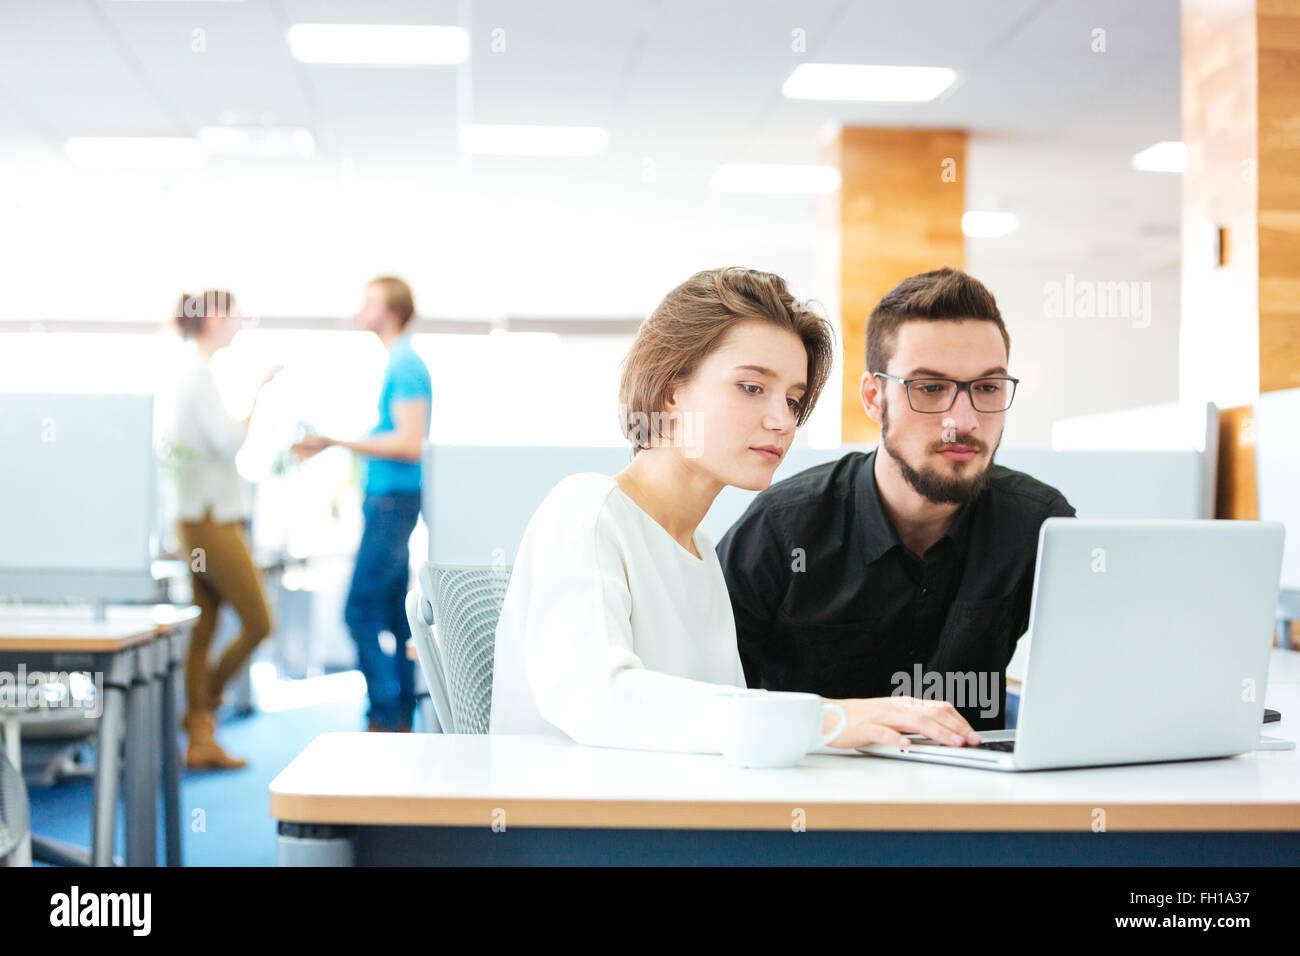 L'accent grave jeune homme et femme assise et travailler avec laptop in office Photo Stock